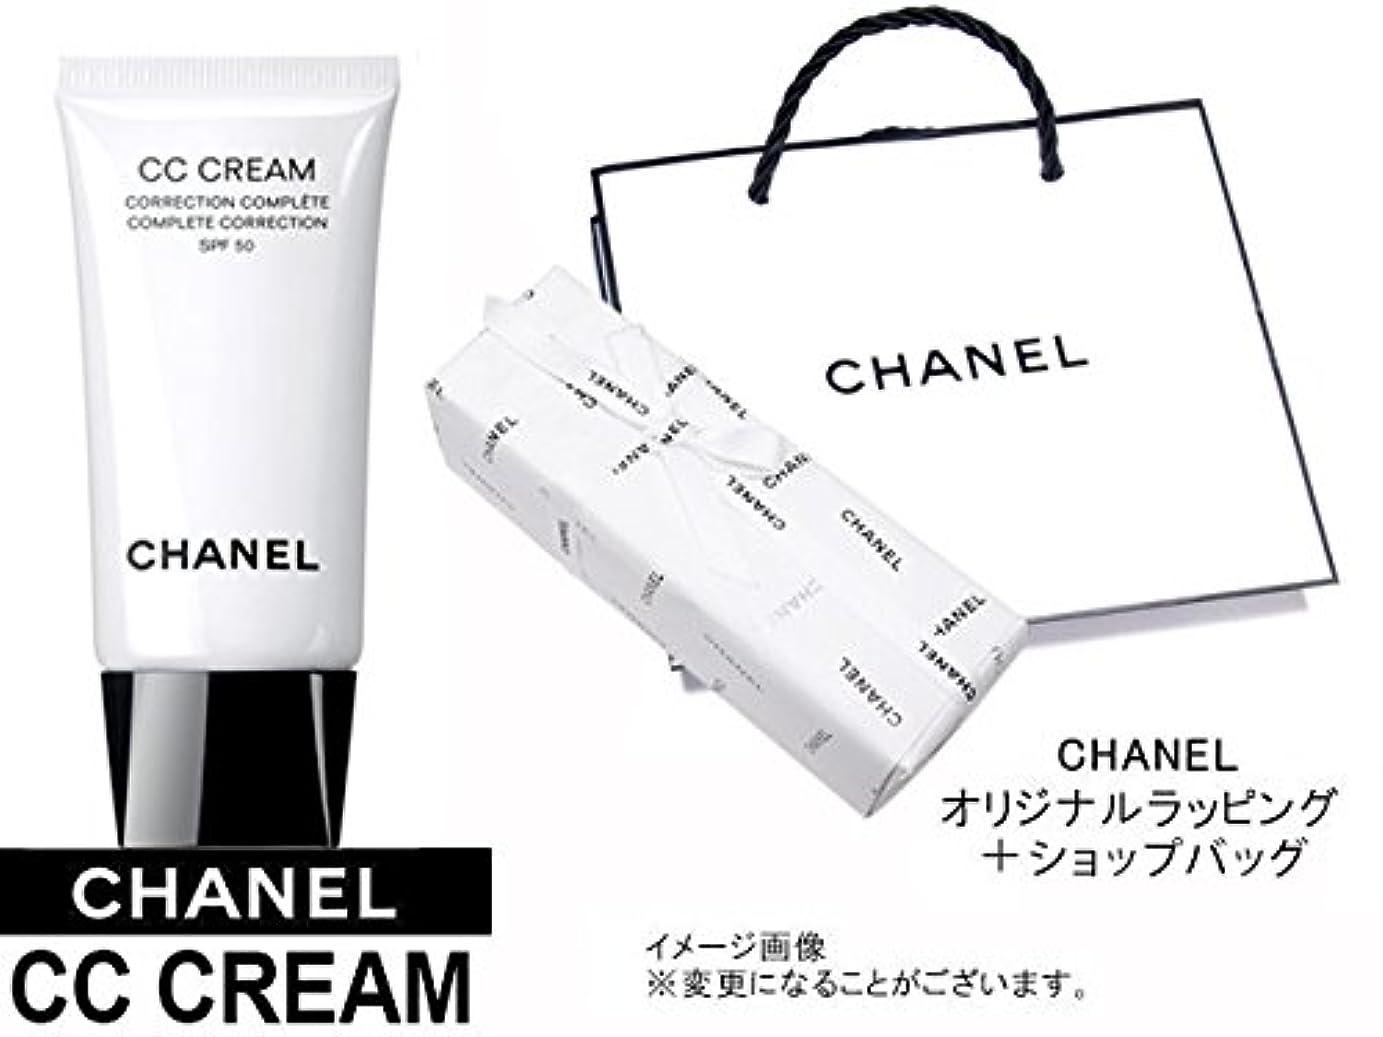 作り新しい意味接尾辞CHANEL CC CREAM シャネル CCクリーム SPF50?PA+++ 30ml オリジナルラッピング+ショップバッグ (並行輸入)